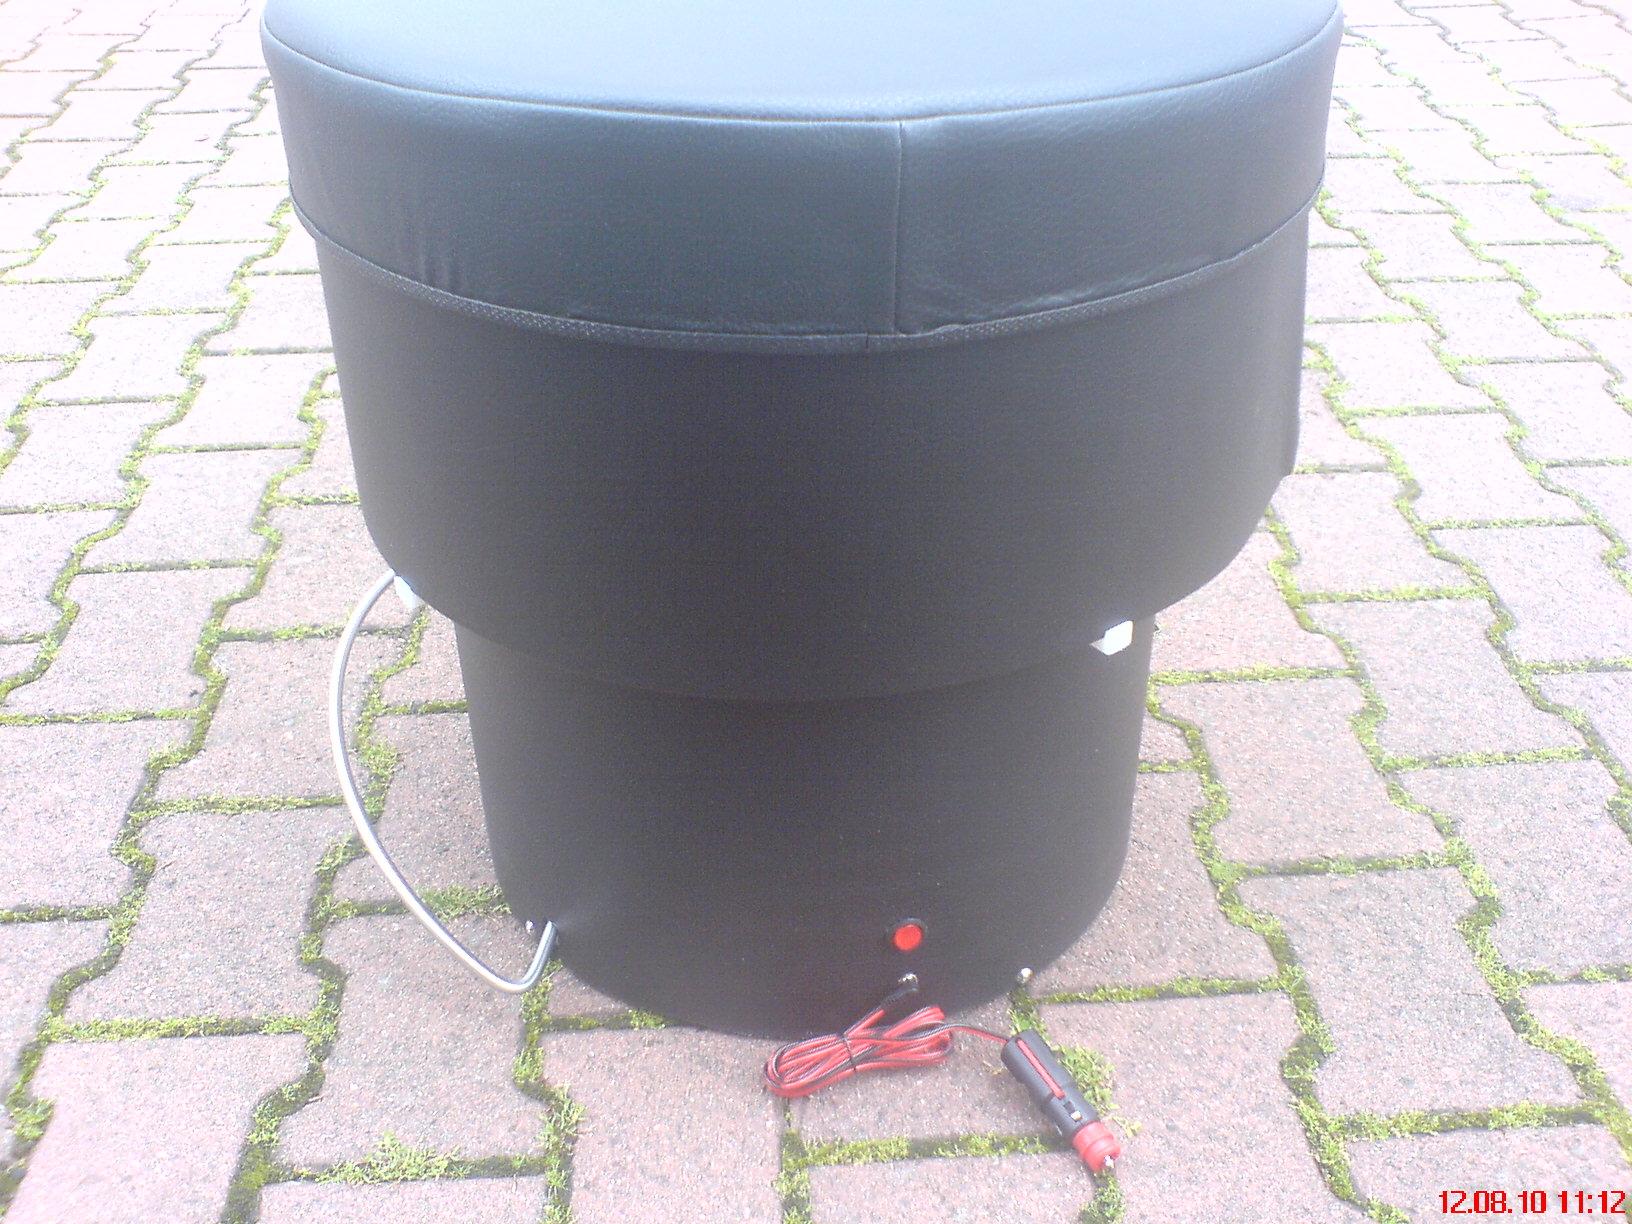 wasserlose toilette das urinal als kunstobjekt von marcel duchamp with wasserlose toilette. Black Bedroom Furniture Sets. Home Design Ideas